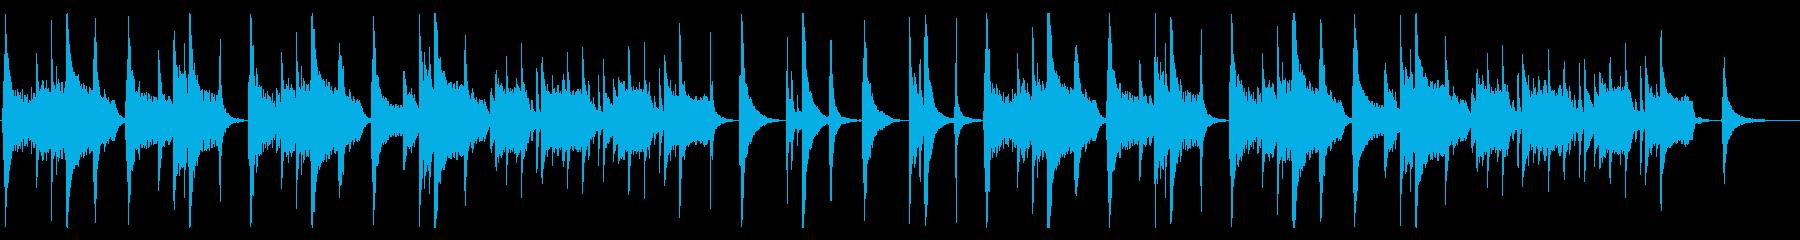 和風 バラード・尺八・優雅の再生済みの波形